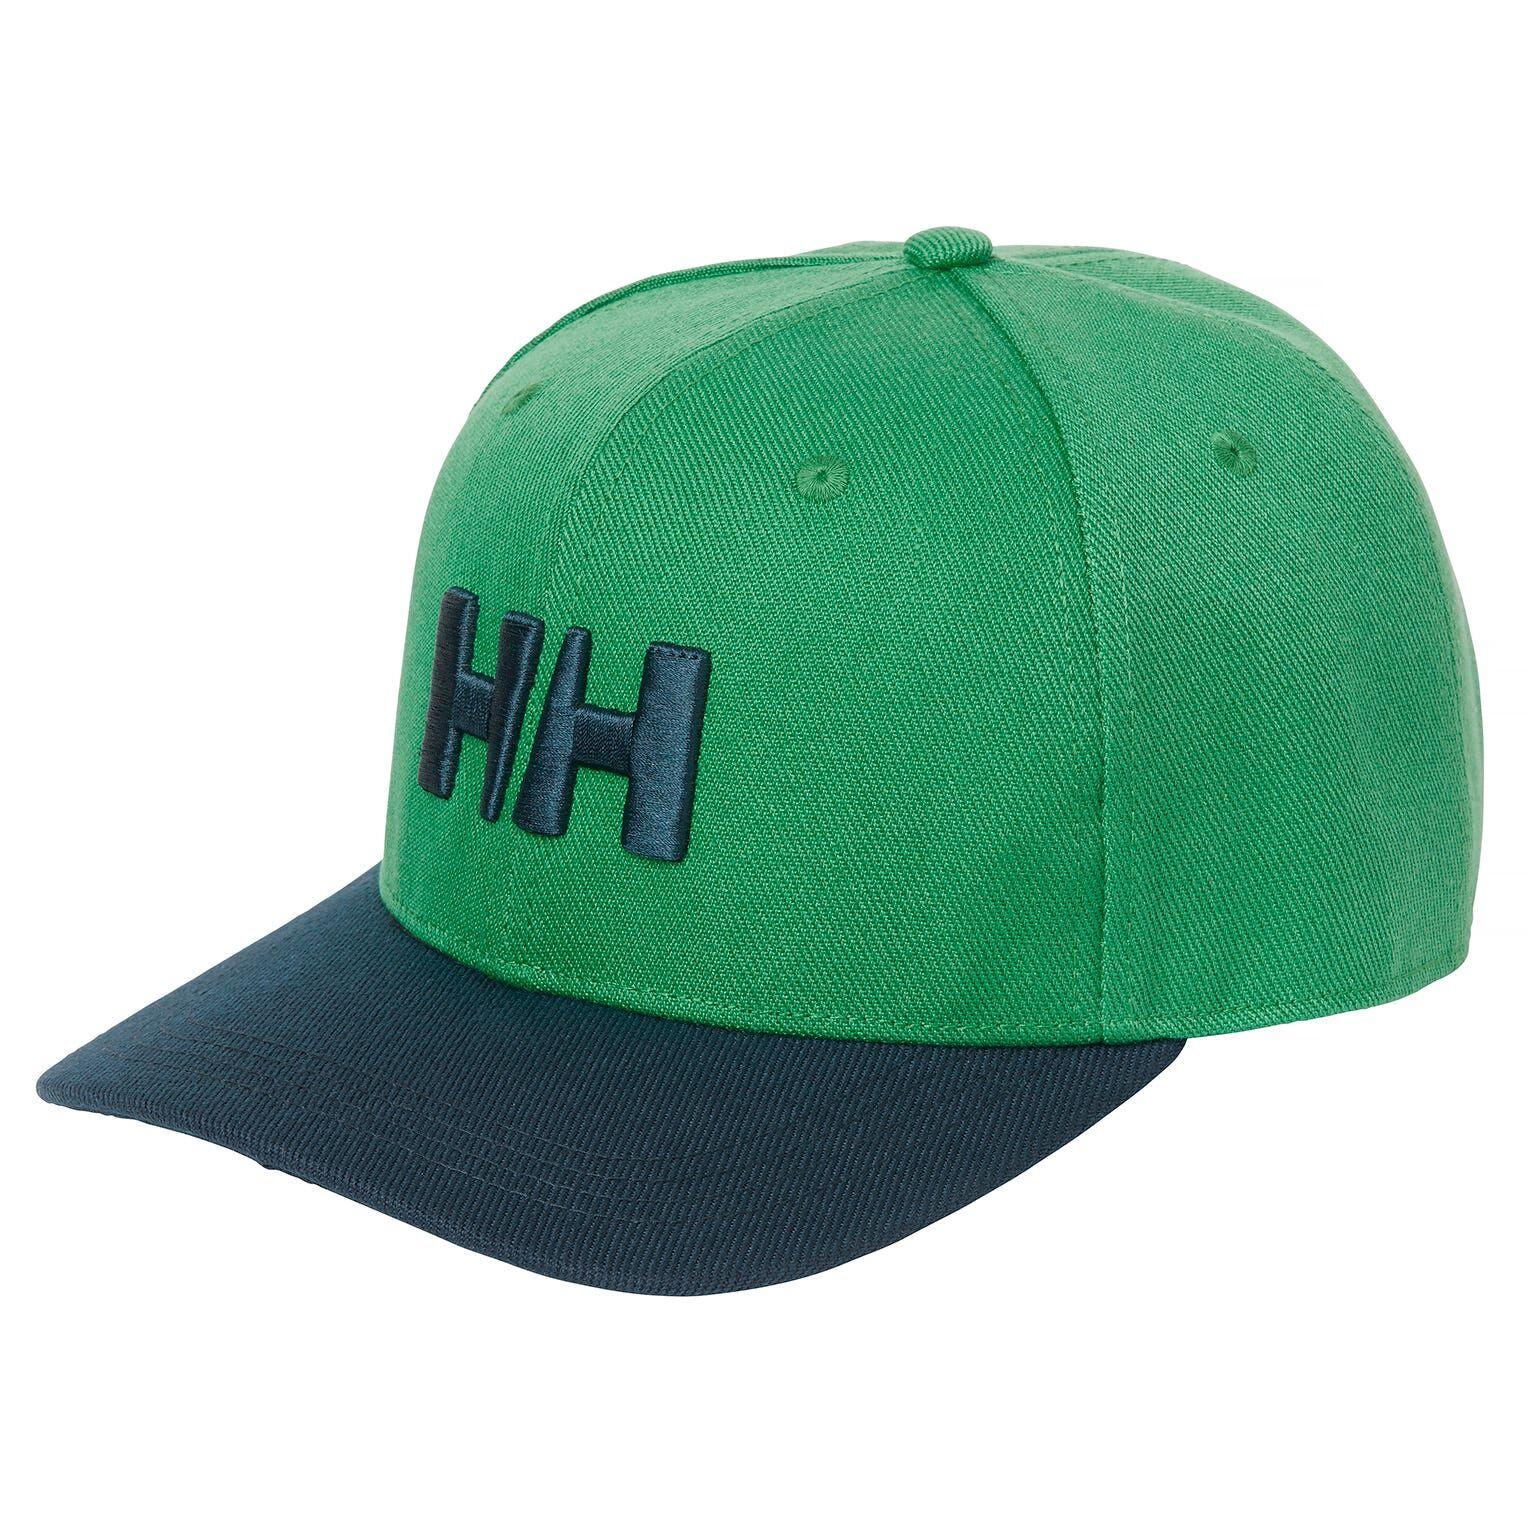 Helly Hansen Brand Cap Green STD